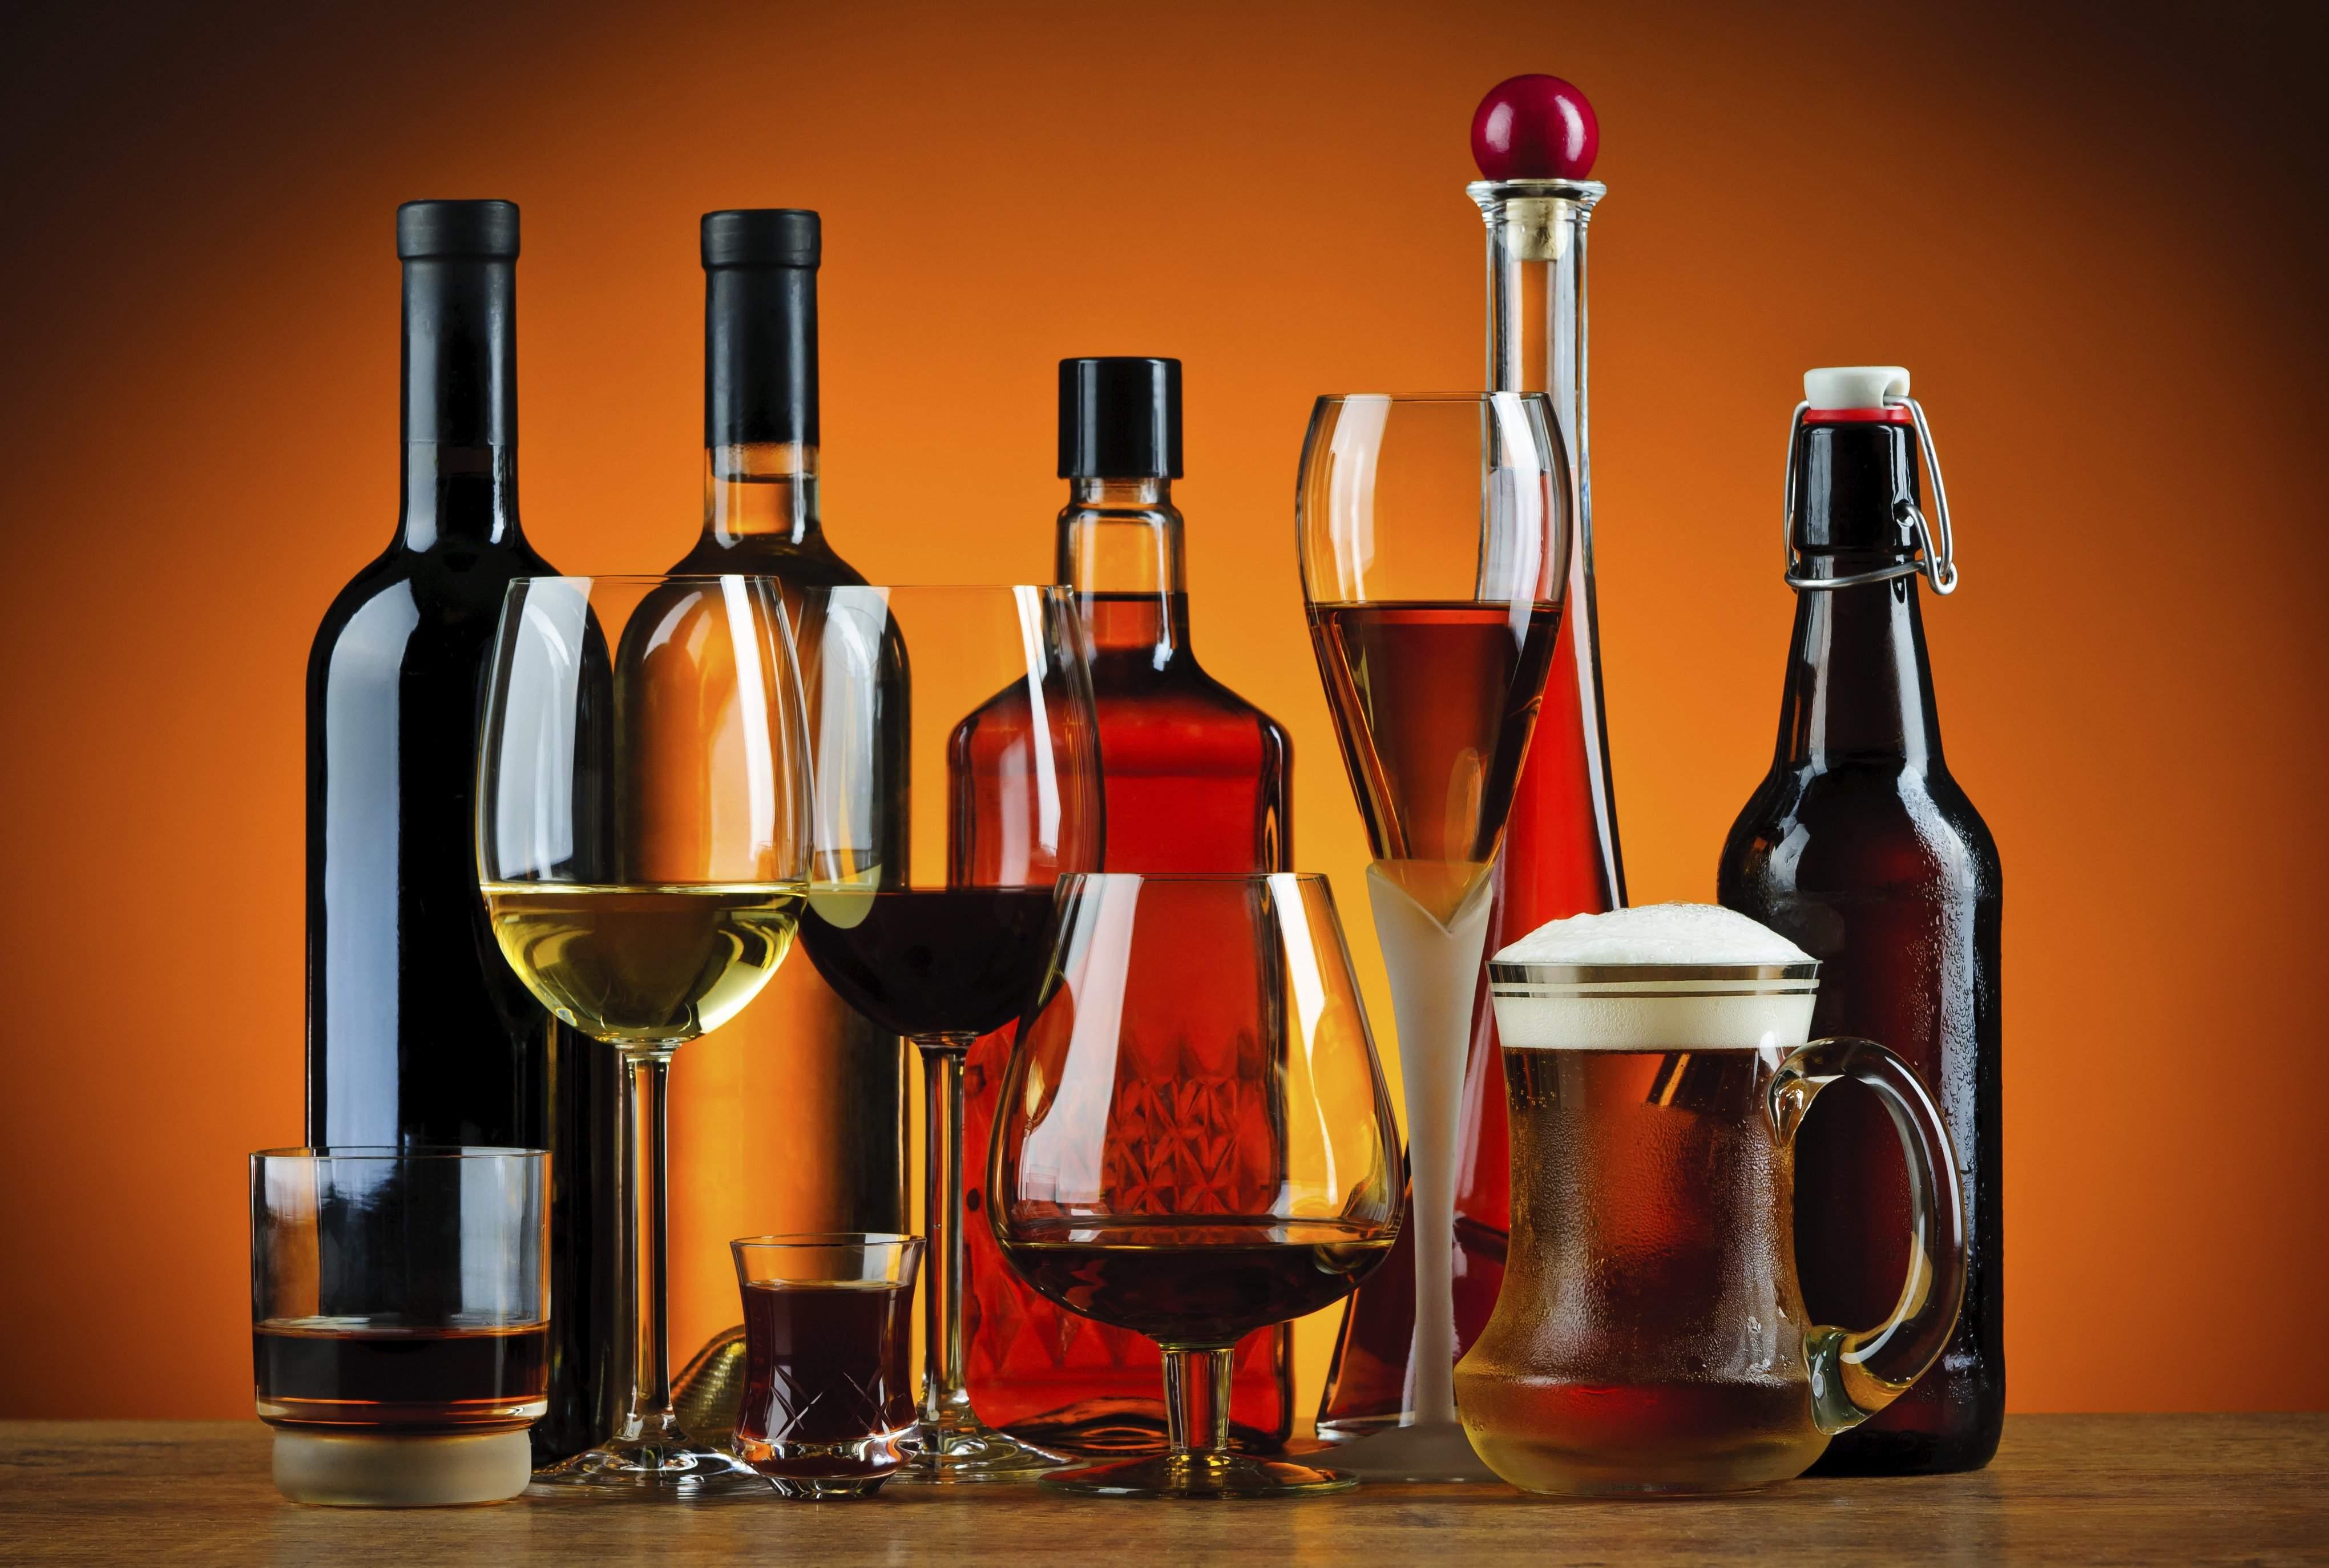 Как быстро и выгодно заказать алкоголь с доставкой